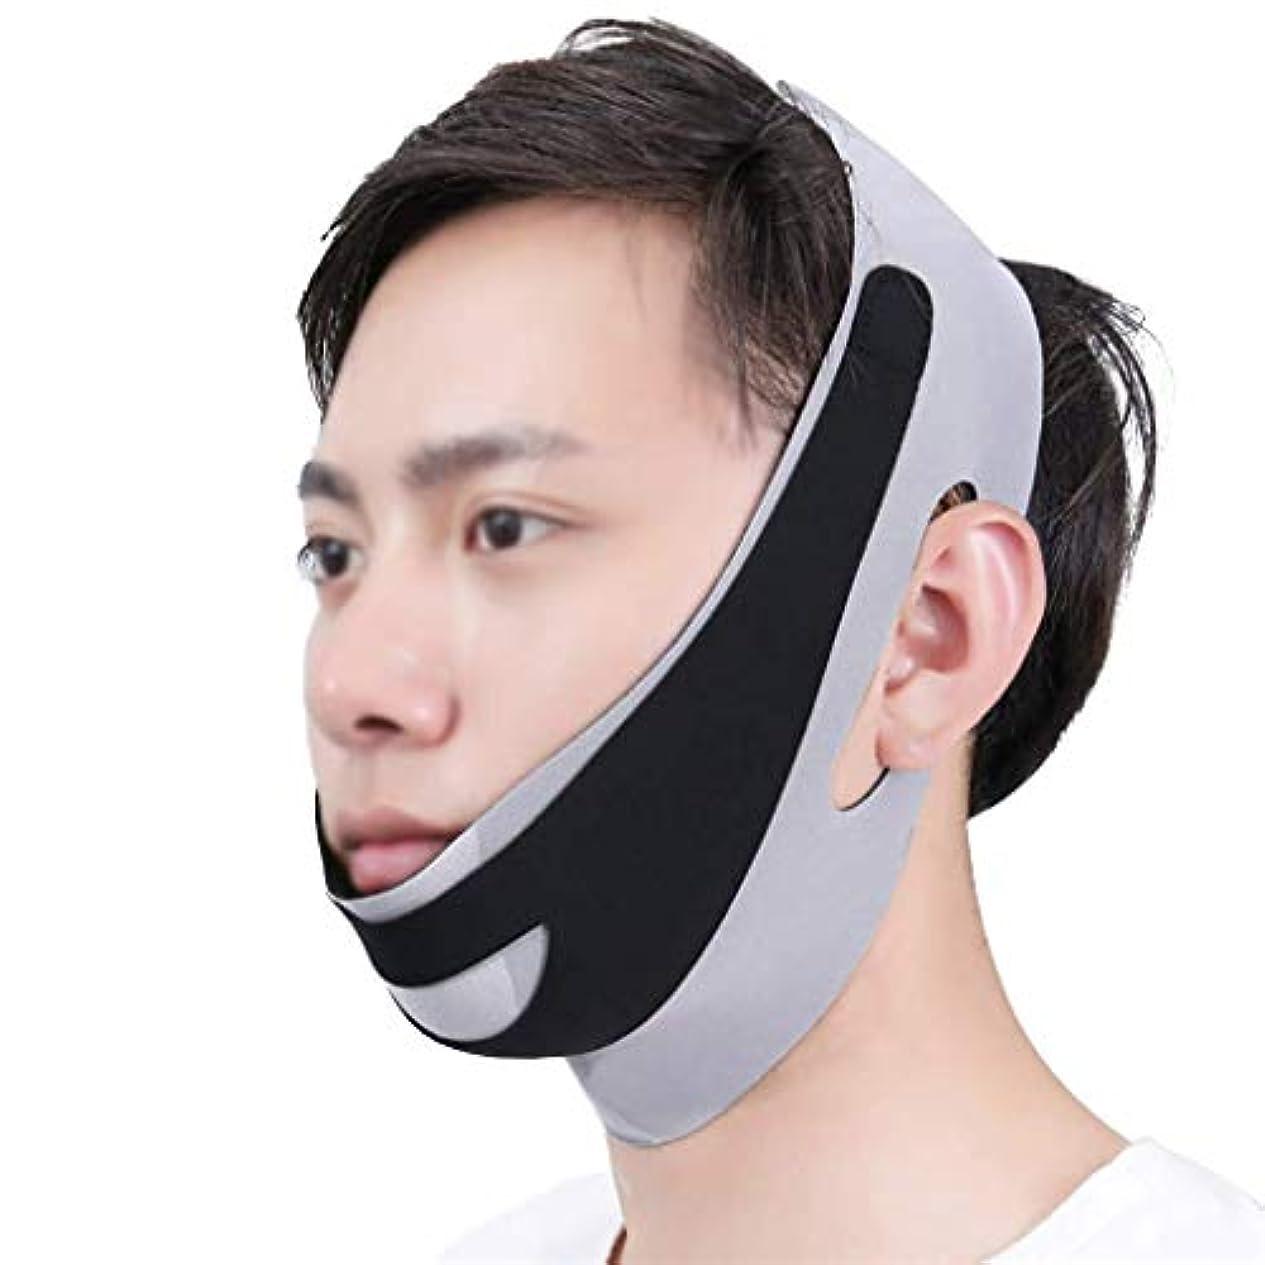 三デザイナー試み顔と首のリフト術後弾性顔マスク小V顔アーティファクト薄い顔包帯アーティファクトV顔吊り耳リフティング引き締め男性の顔アーティファクト